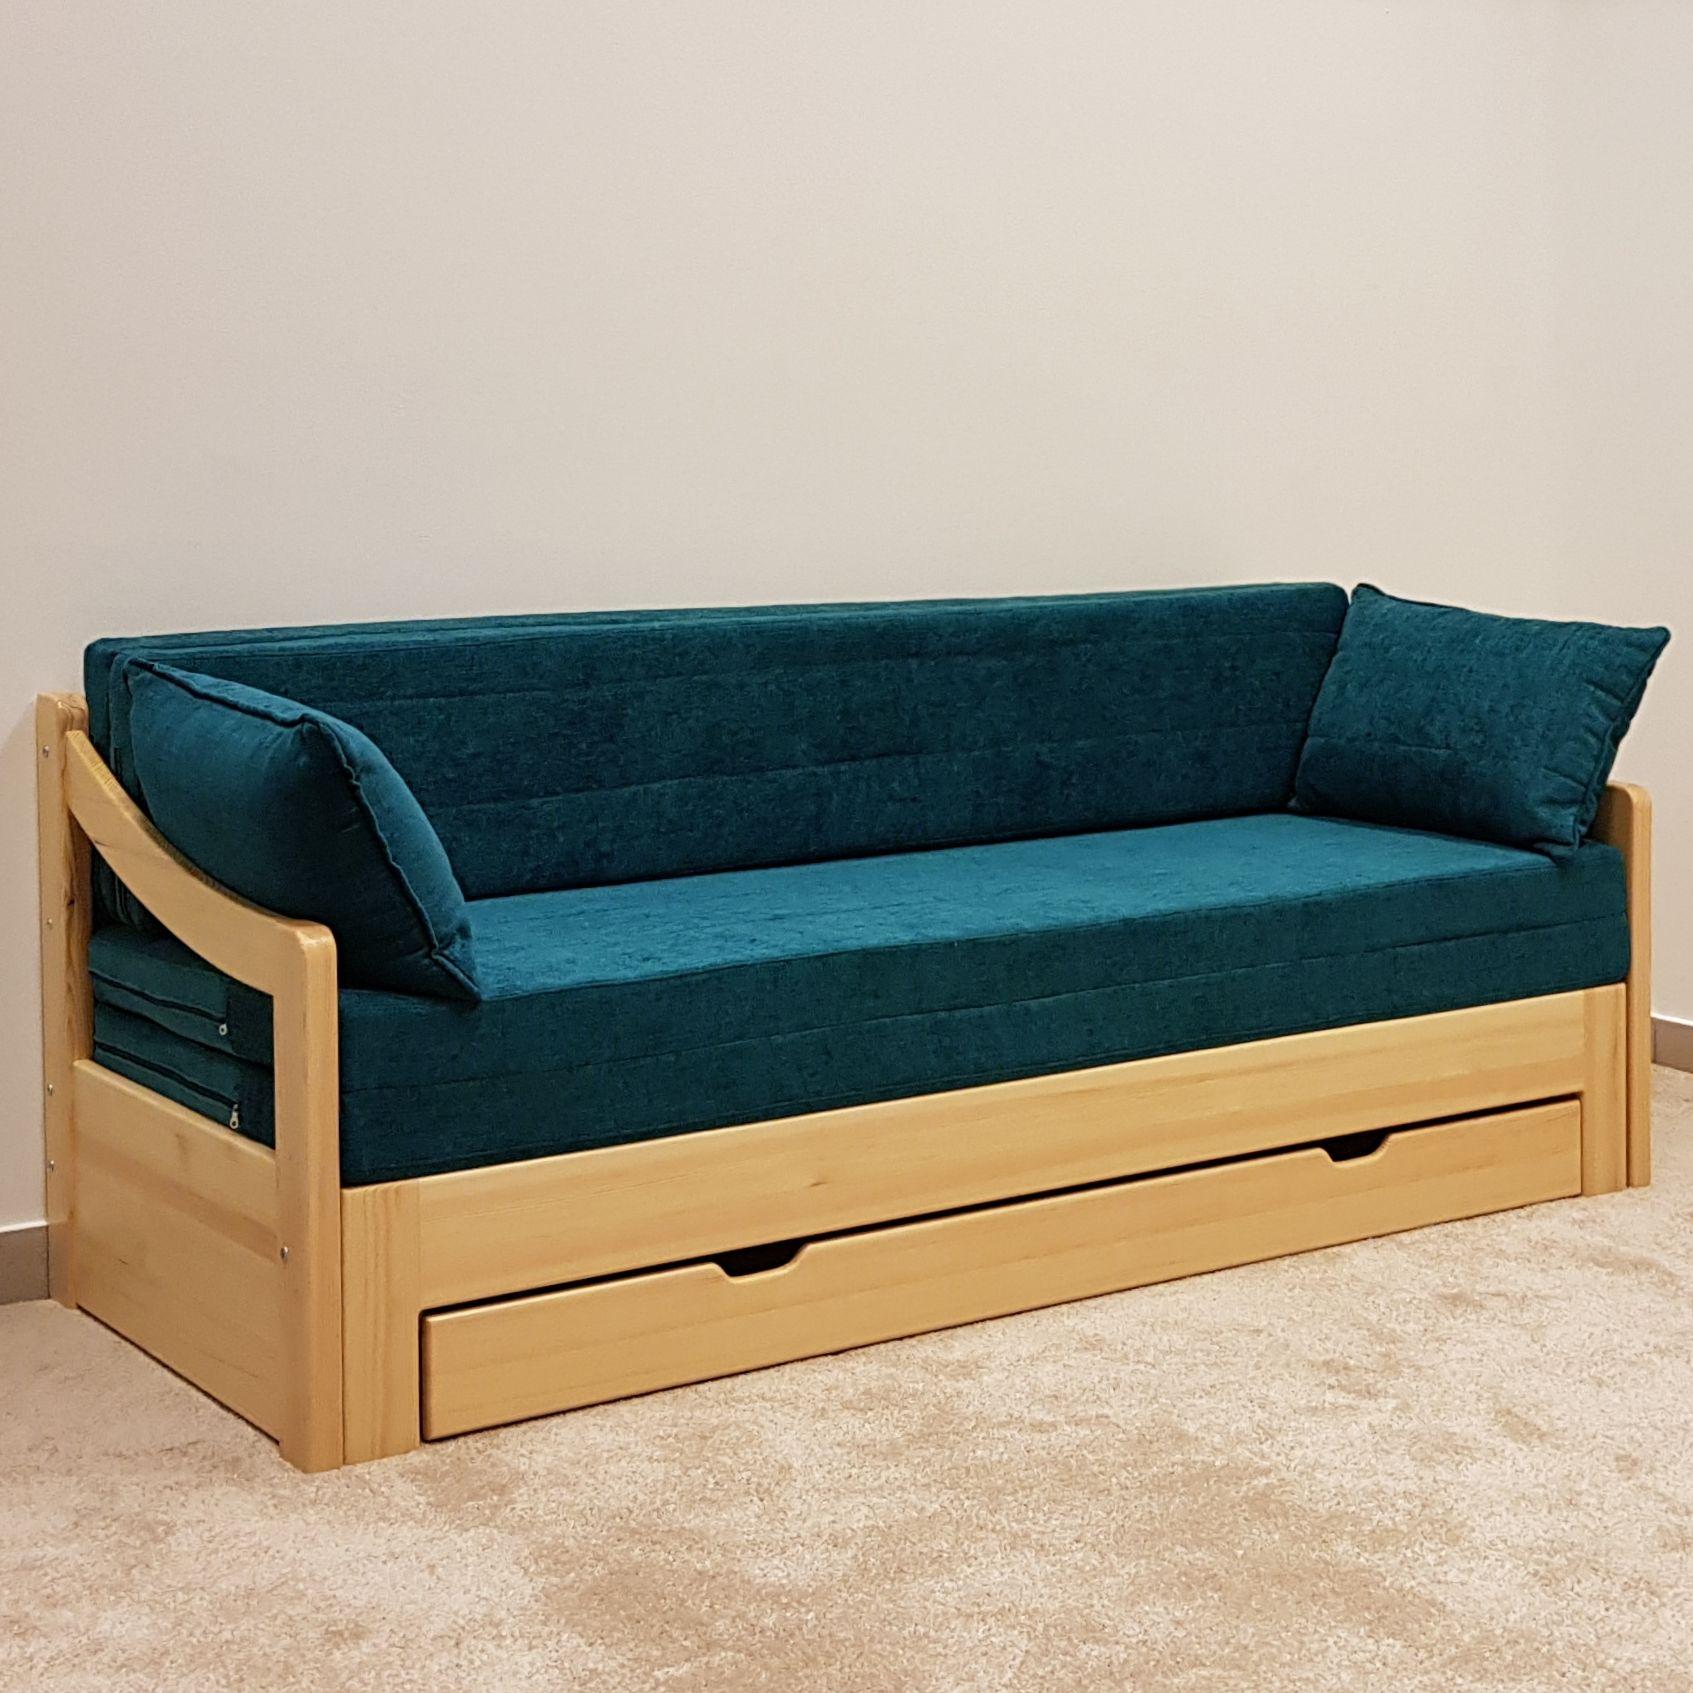 Akciós bútorok : MAMMUT 3N háttámlás Teal (türkiz) - Nyitható kanapé